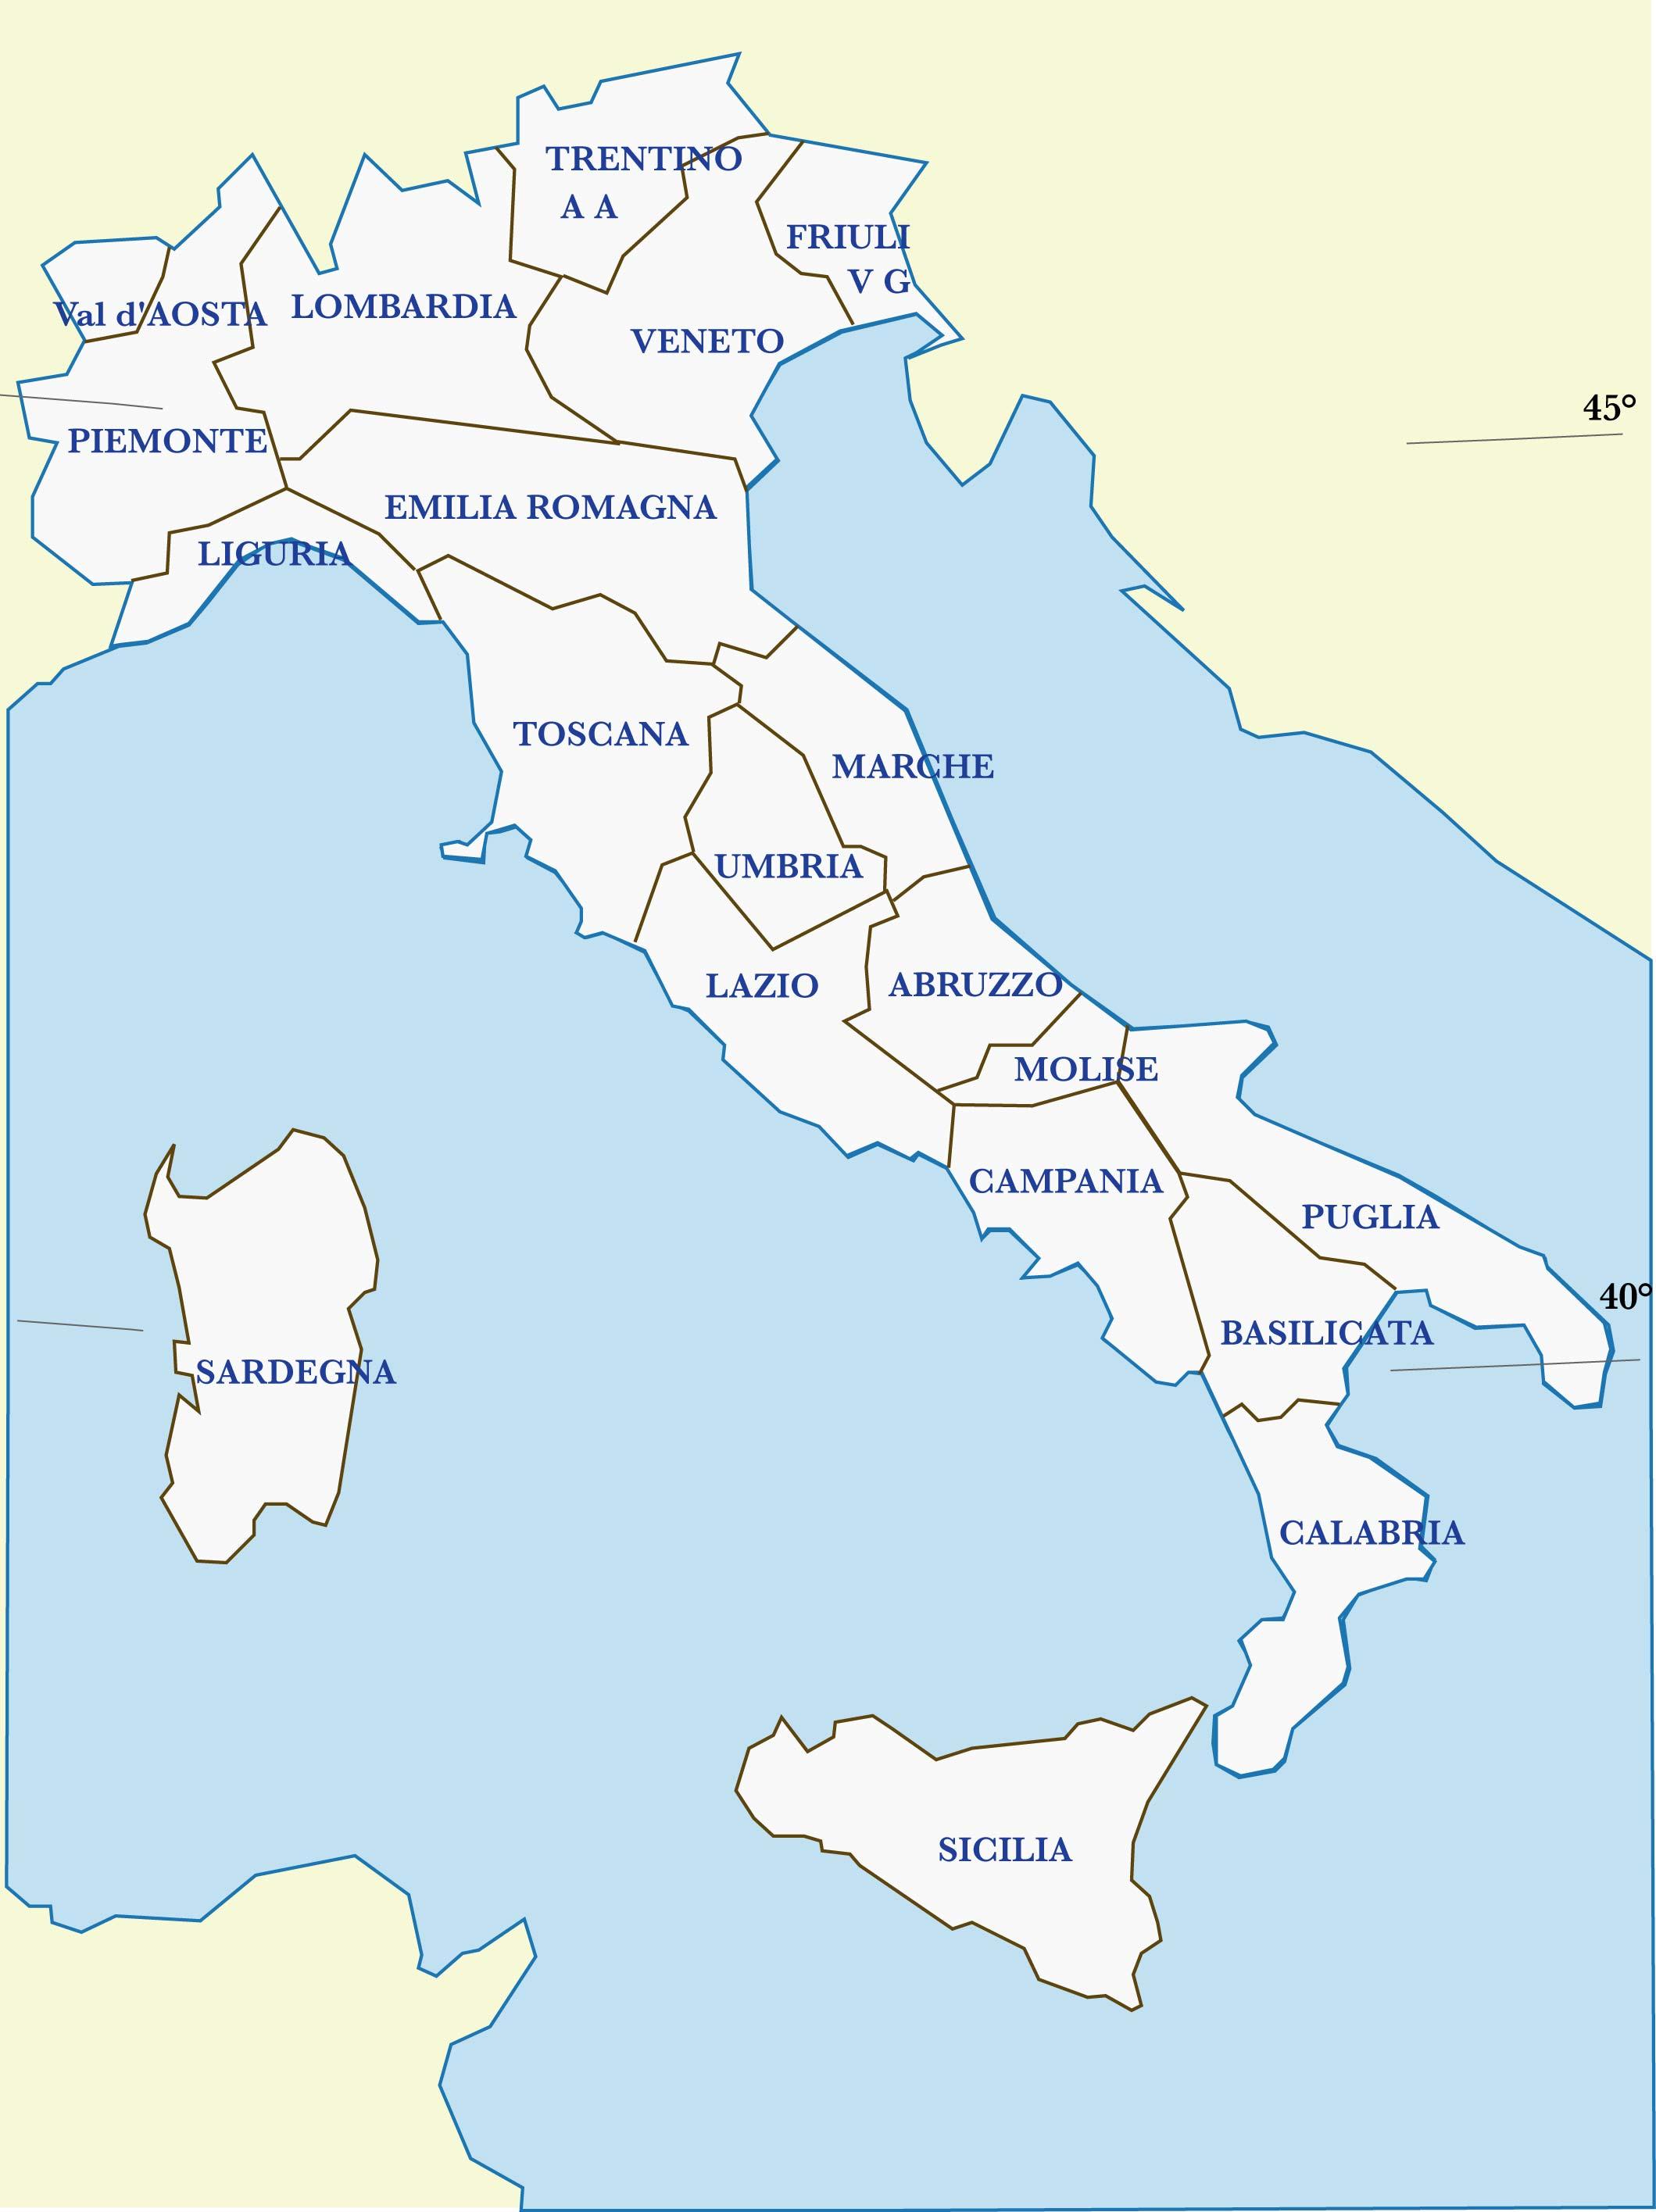 Покупка недвижимости в Италии, процедура для иностранцев